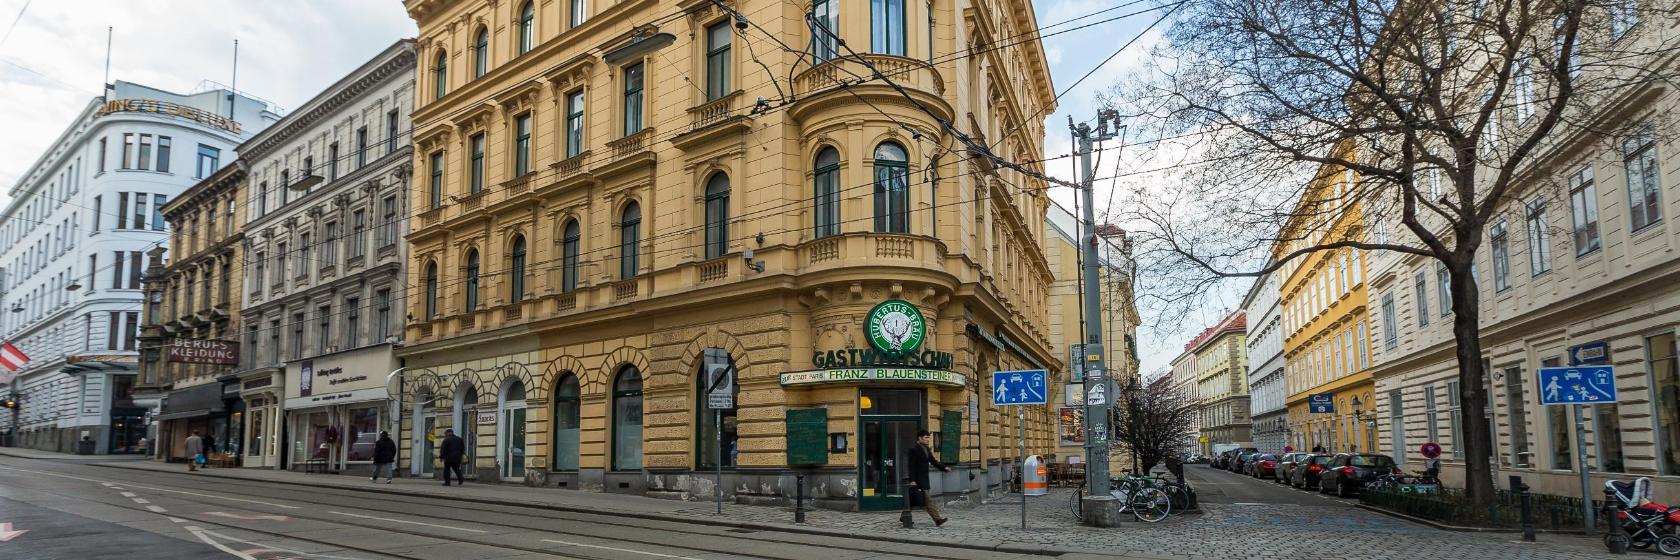 08. Josefstadt, Vienna Hotels